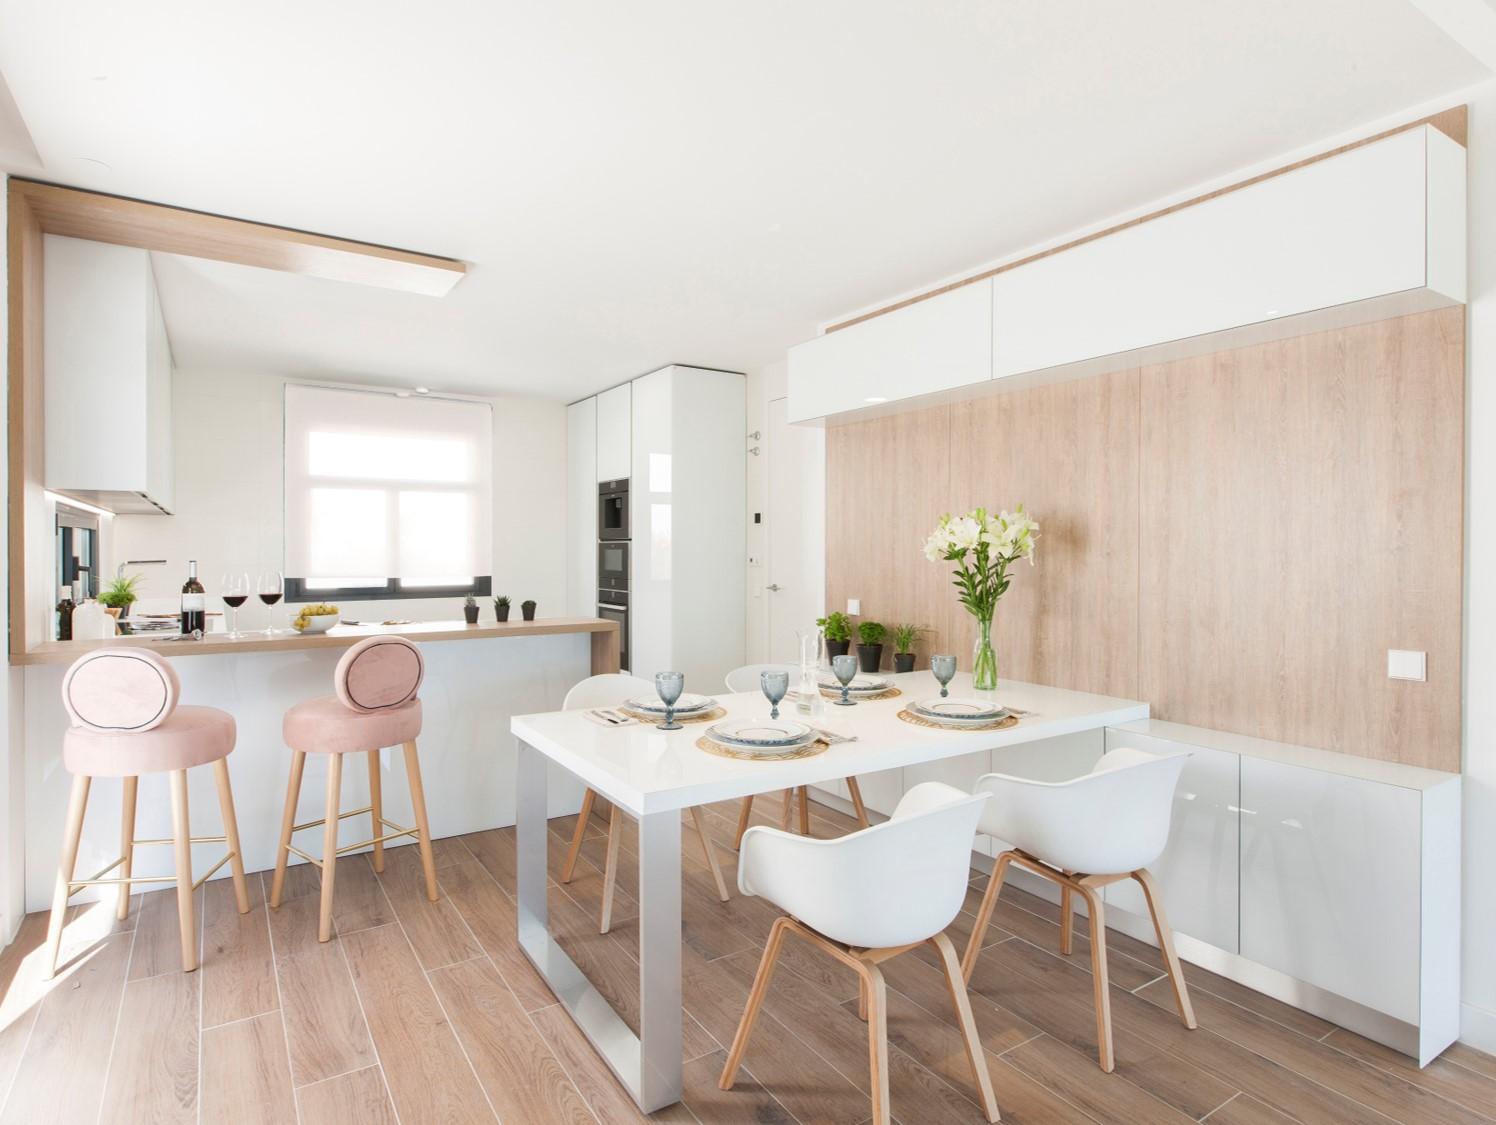 ESCENIUM: Cocinas exclusivas y diseños únicos | Luxury Spain